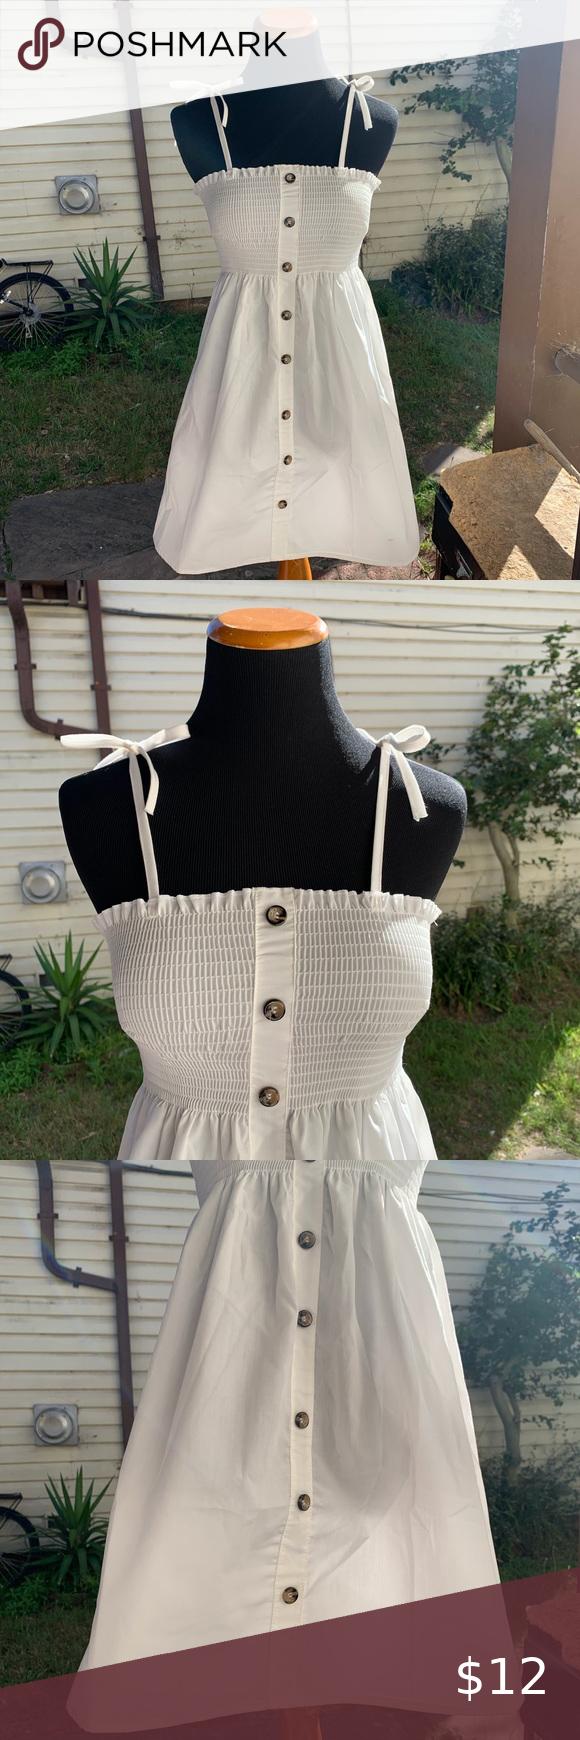 Women S Dress White Stretchy Top Dress Tie Strap Womens Dresses Stretchy Tops Tie Dress [ 1740 x 580 Pixel ]